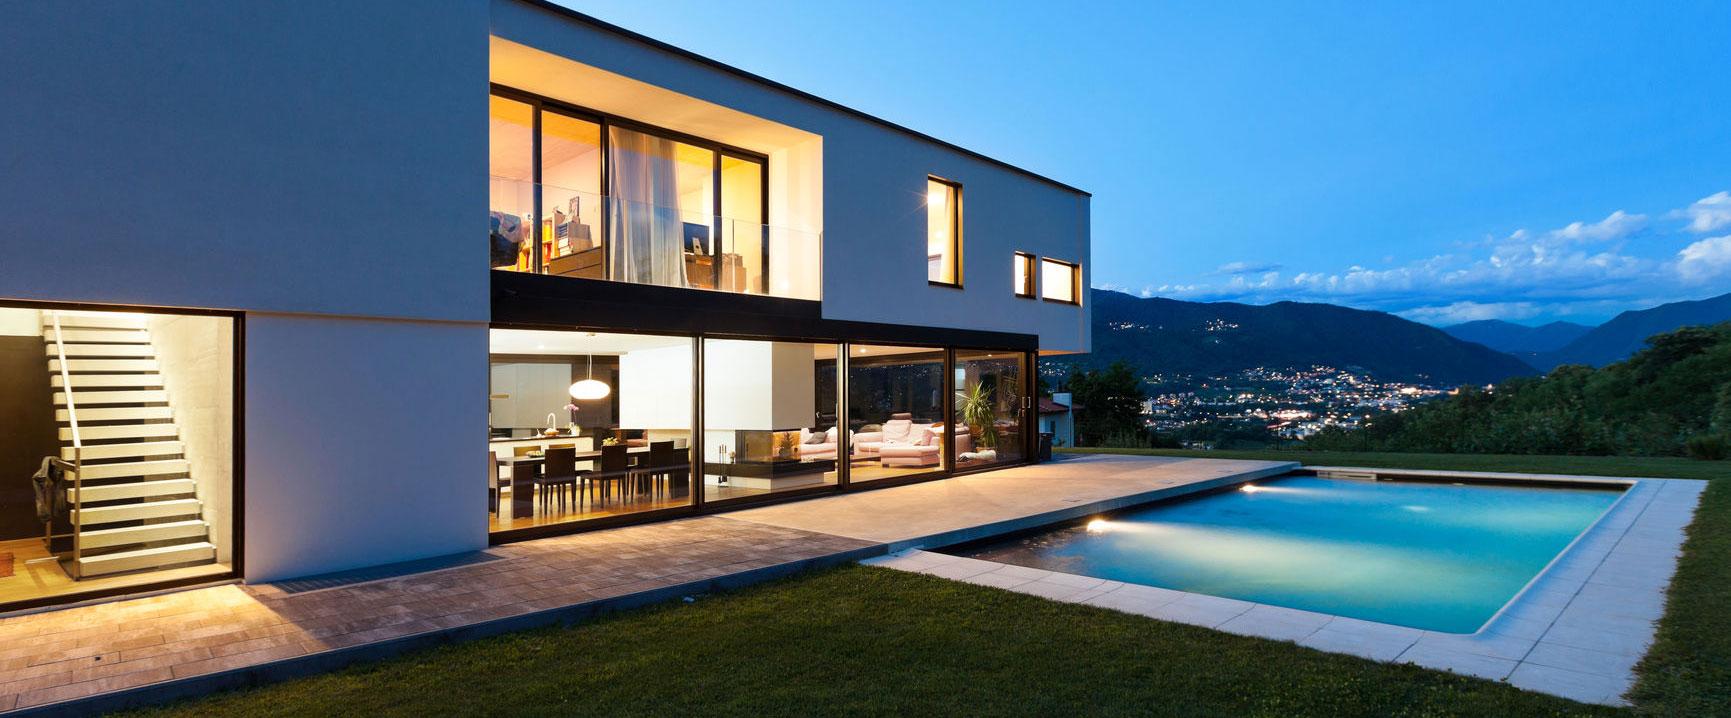 constructeur maison villa moderne individuelle perpignan Pyrénées Orientales 66